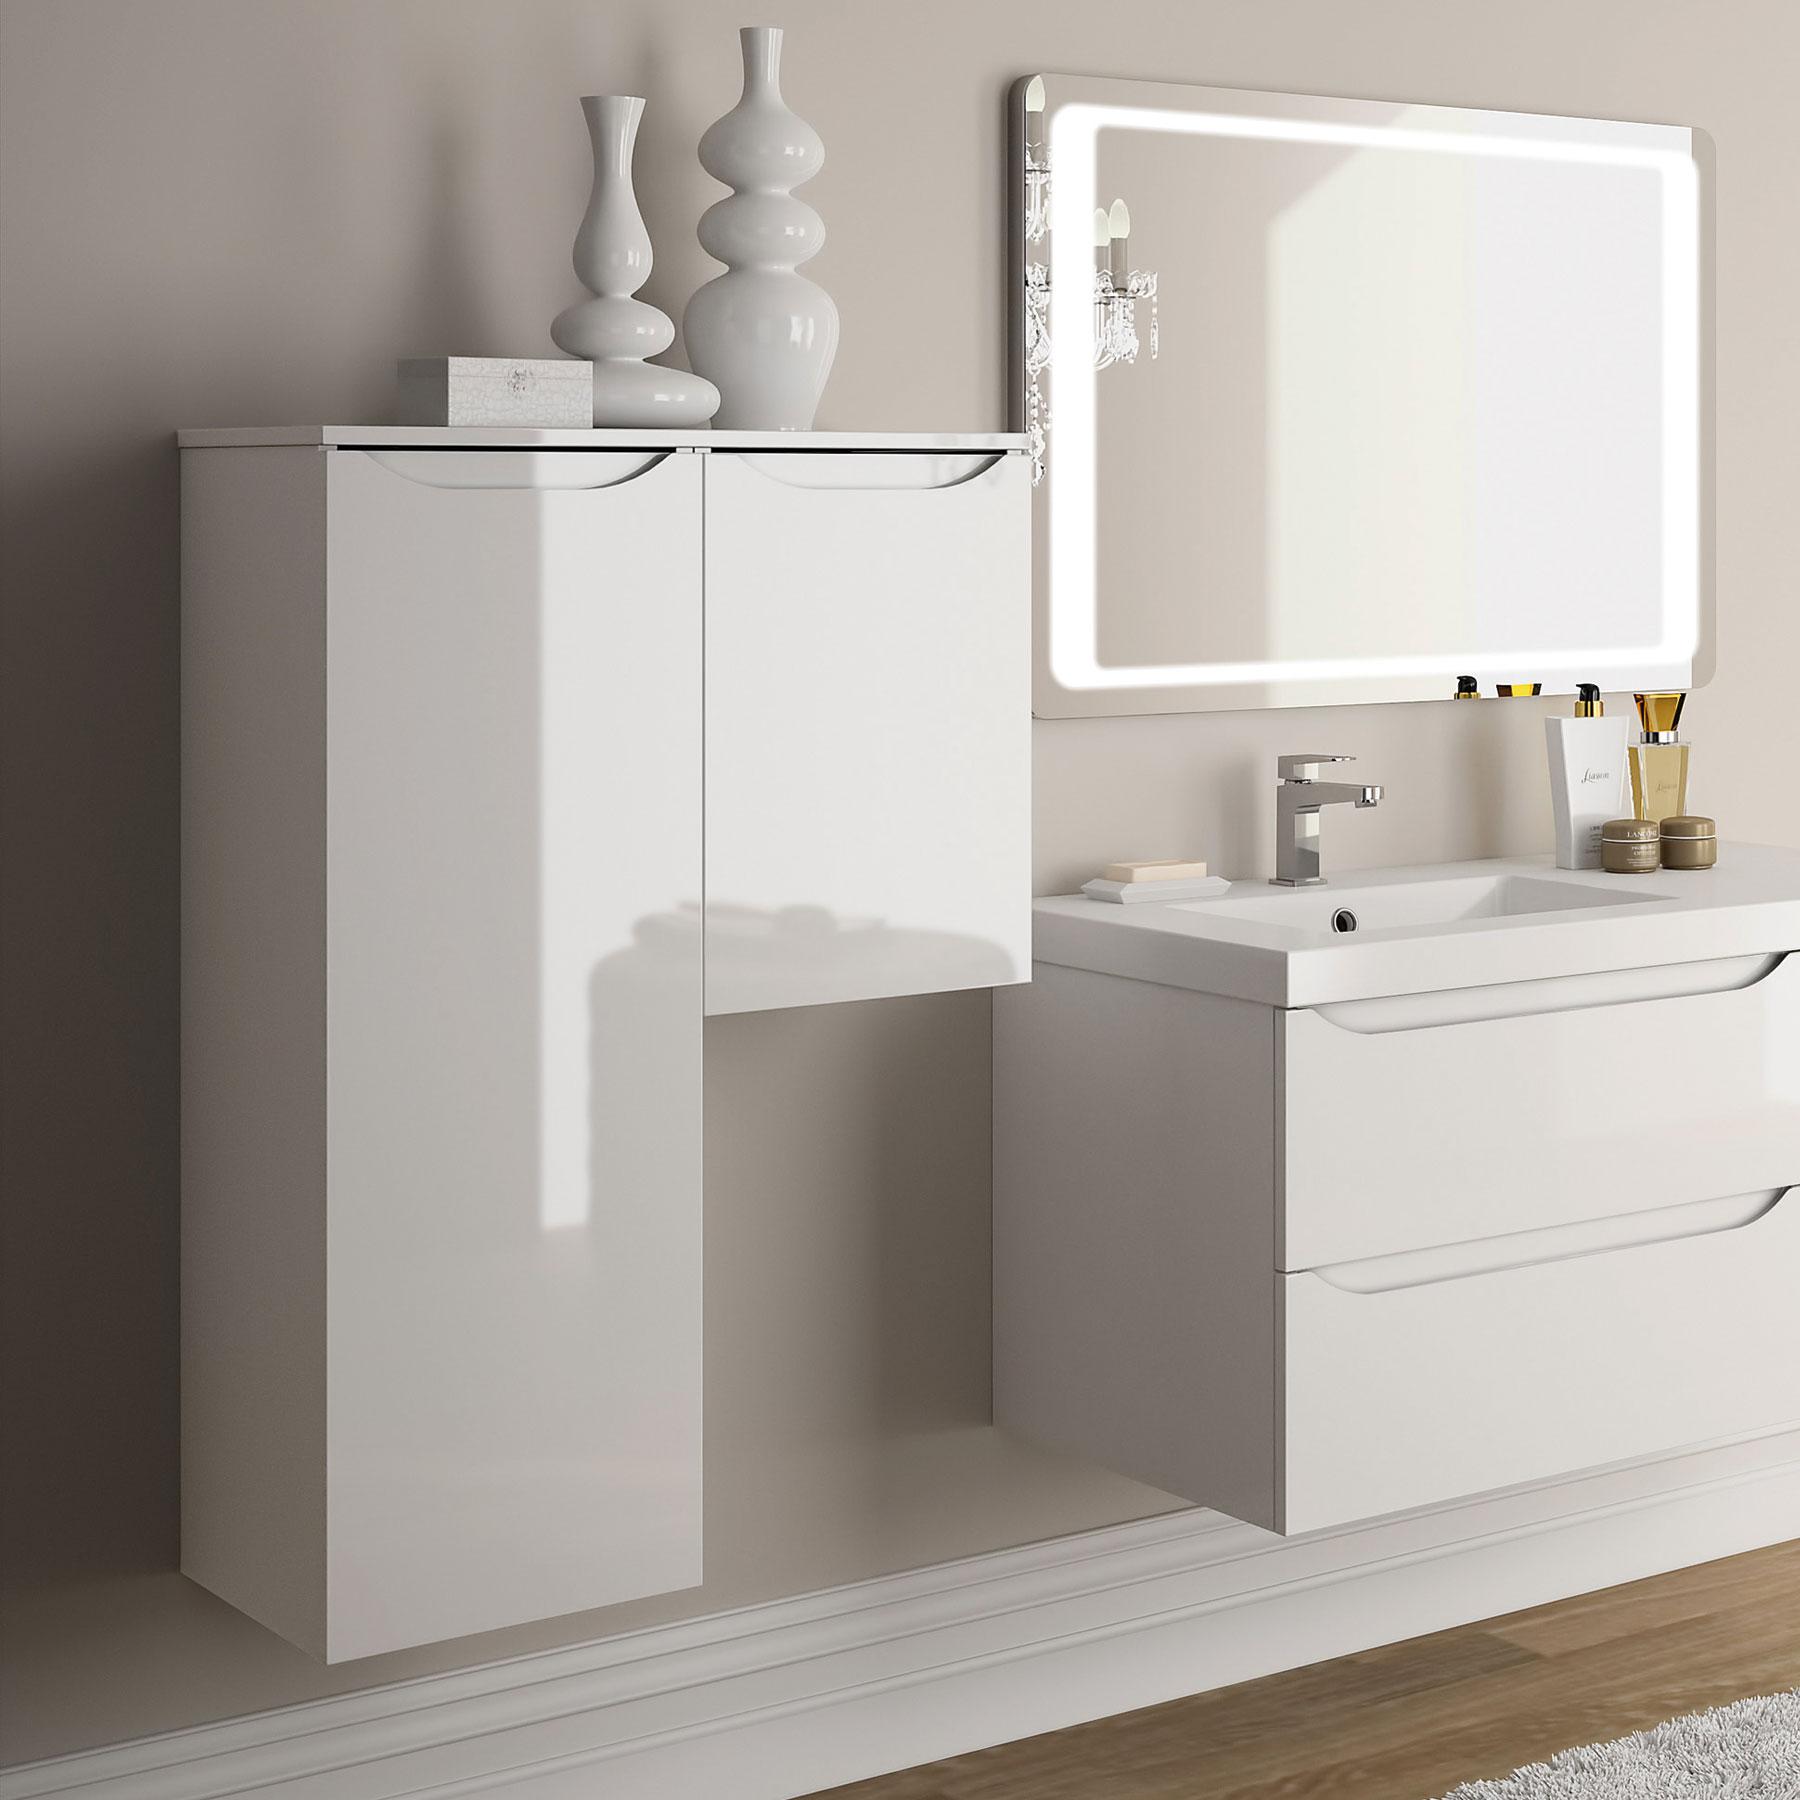 colonnes et armoires meubles de salle de bains baignoires fabricant fran ais cedam. Black Bedroom Furniture Sets. Home Design Ideas